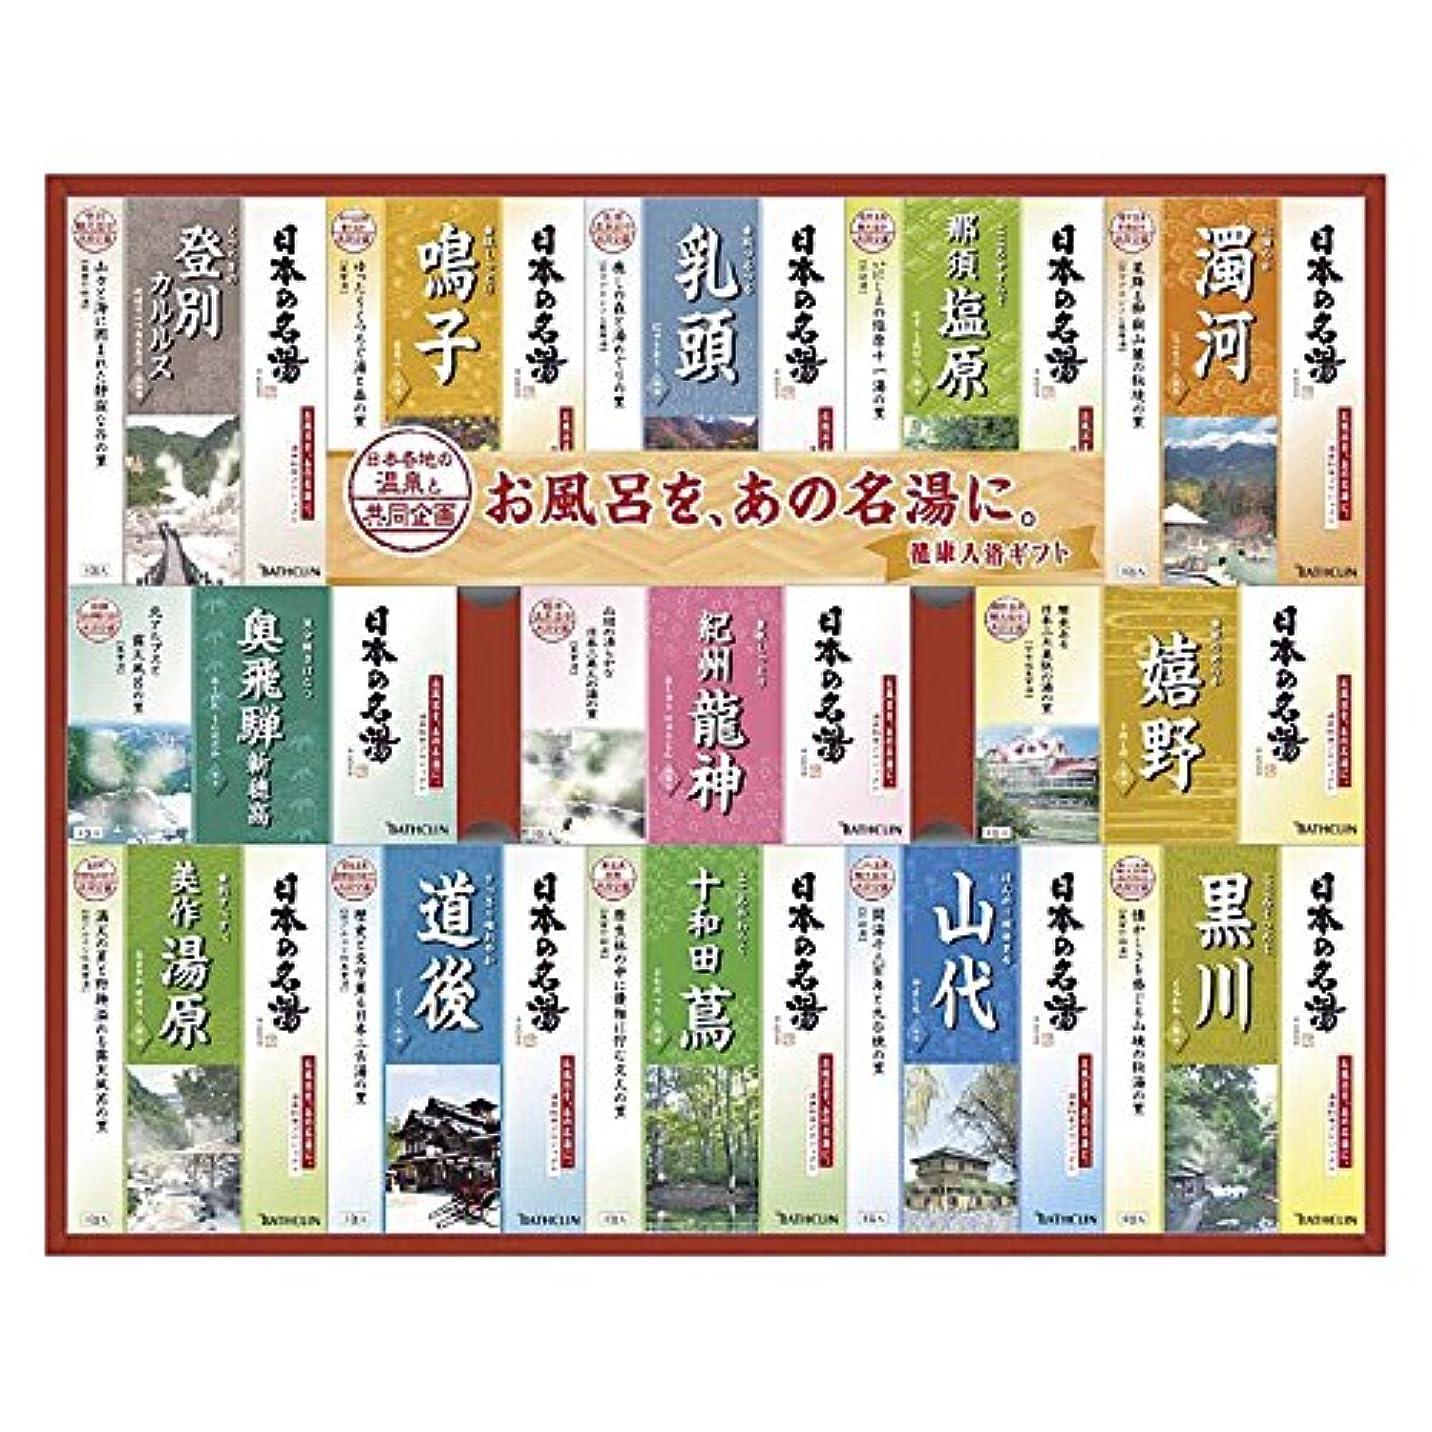 バスクリン 日本の名湯 ギフトセット NMG-50F 【個包装 セット 詰め合わせ 疲労回復 ご褒美 贅沢 プチギフト 温まる 温泉 粉 ご当地 まとめ買い 名湯 リラックス 美肌 つめあわせ やさしい やすらぎ】